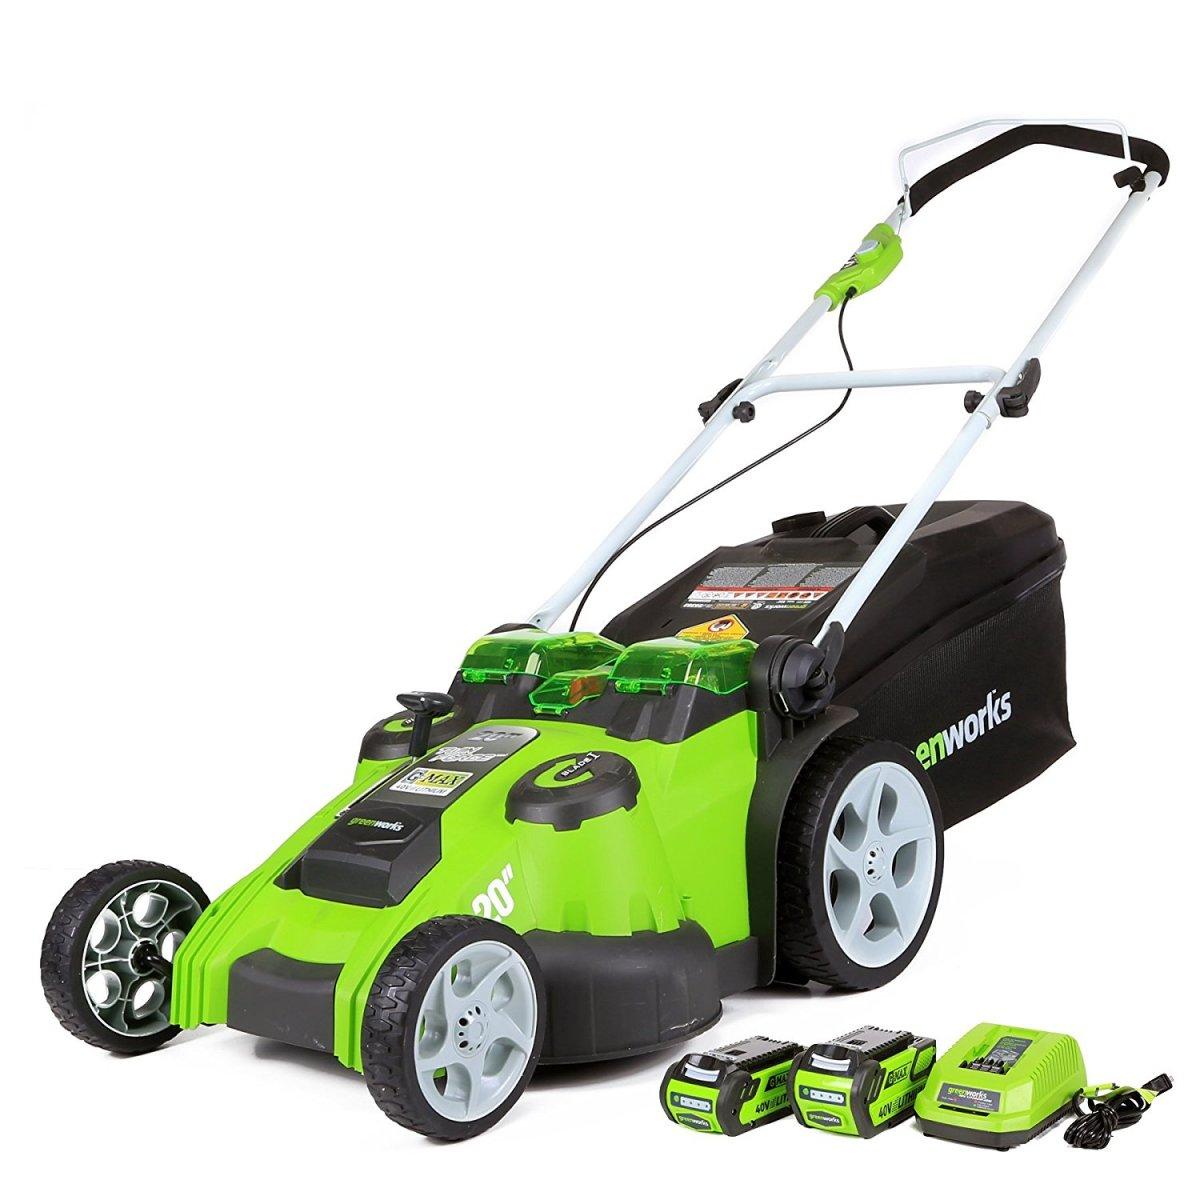 GreenWorks 20